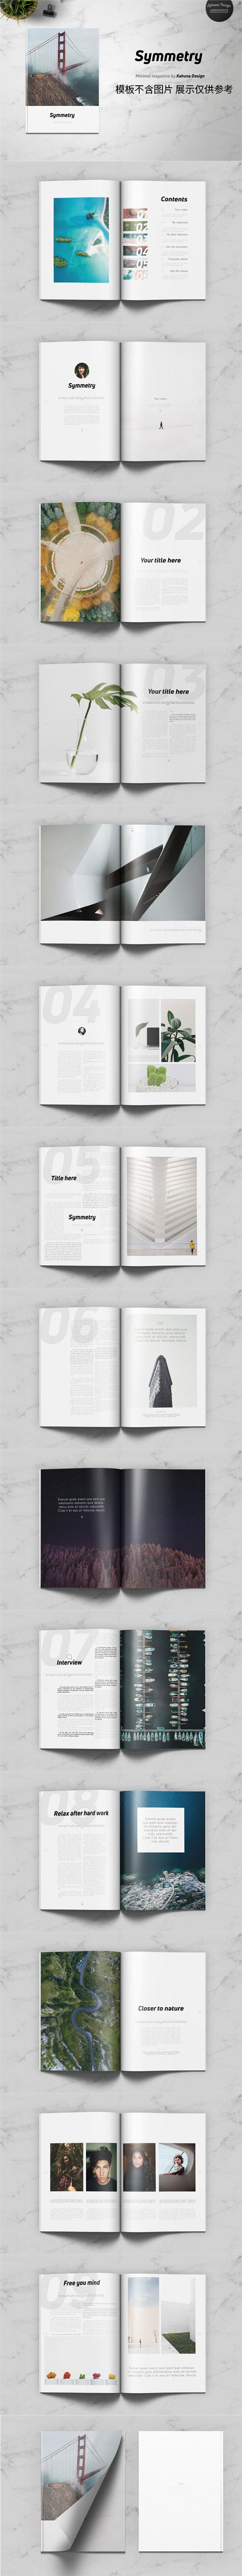 杂志画册模板